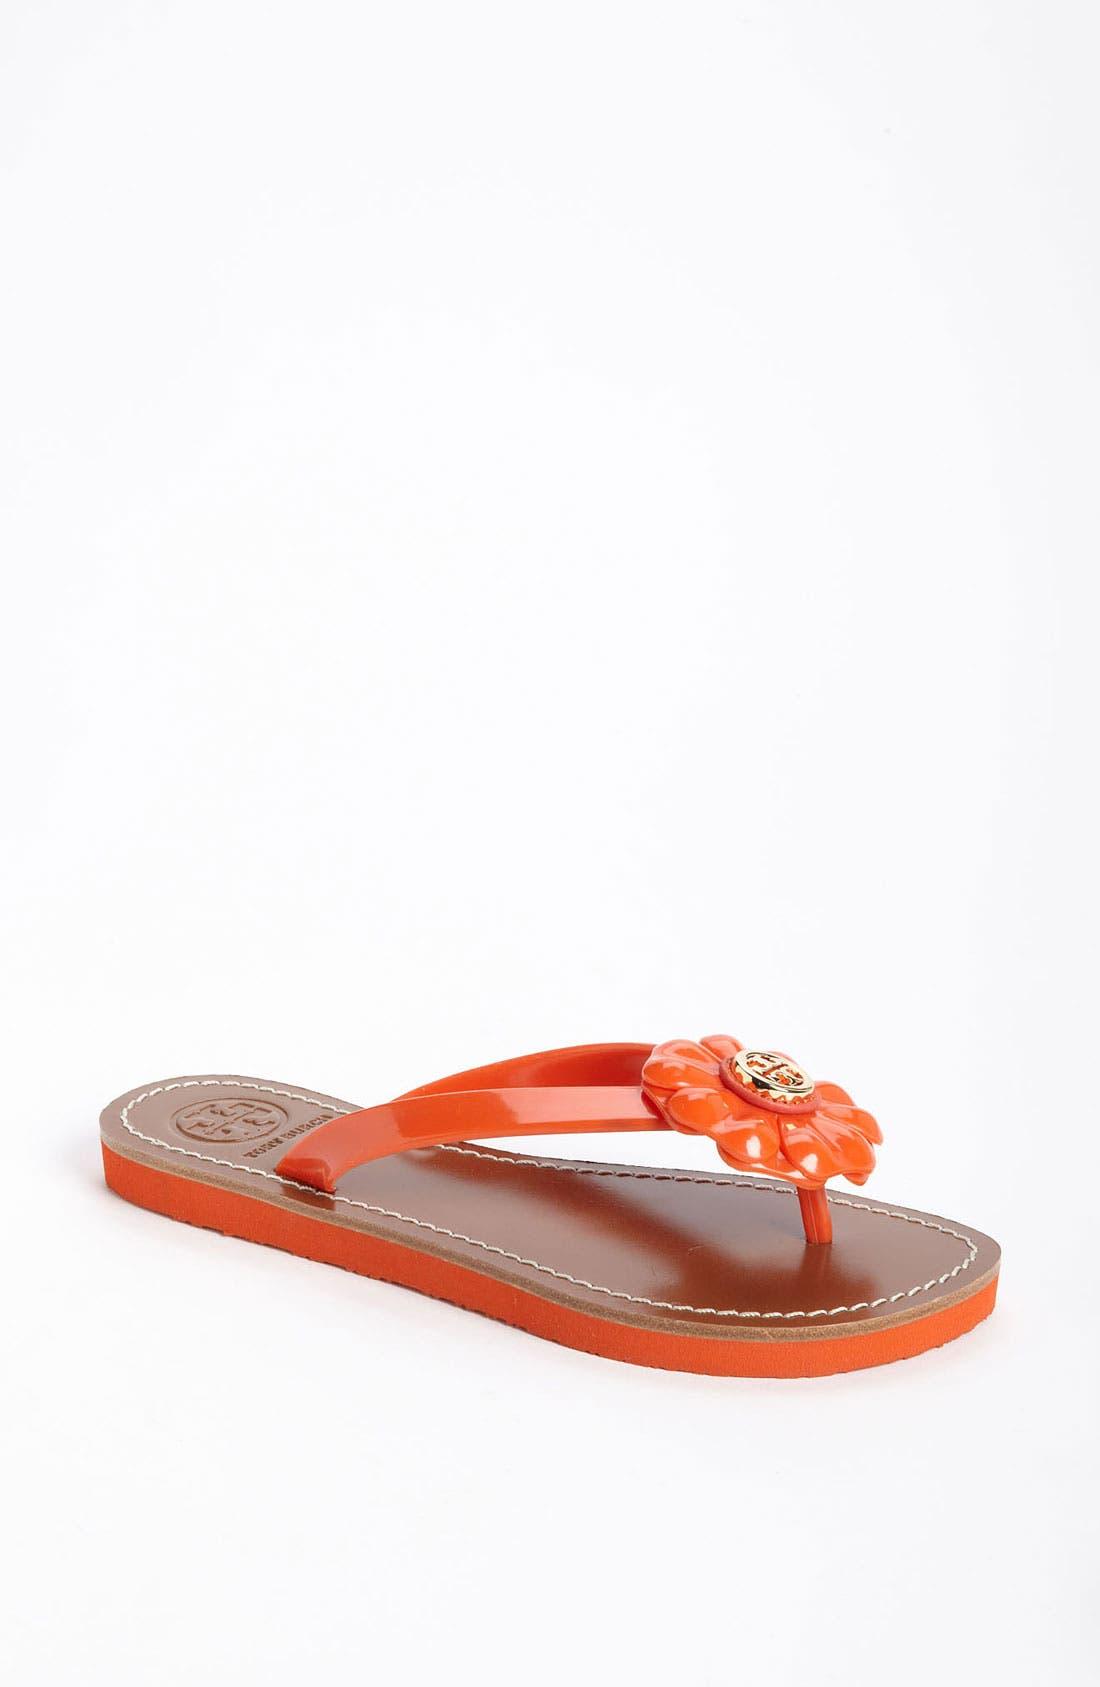 Alternate Image 1 Selected - Tory Burch 'Adalia' Thong Sandal